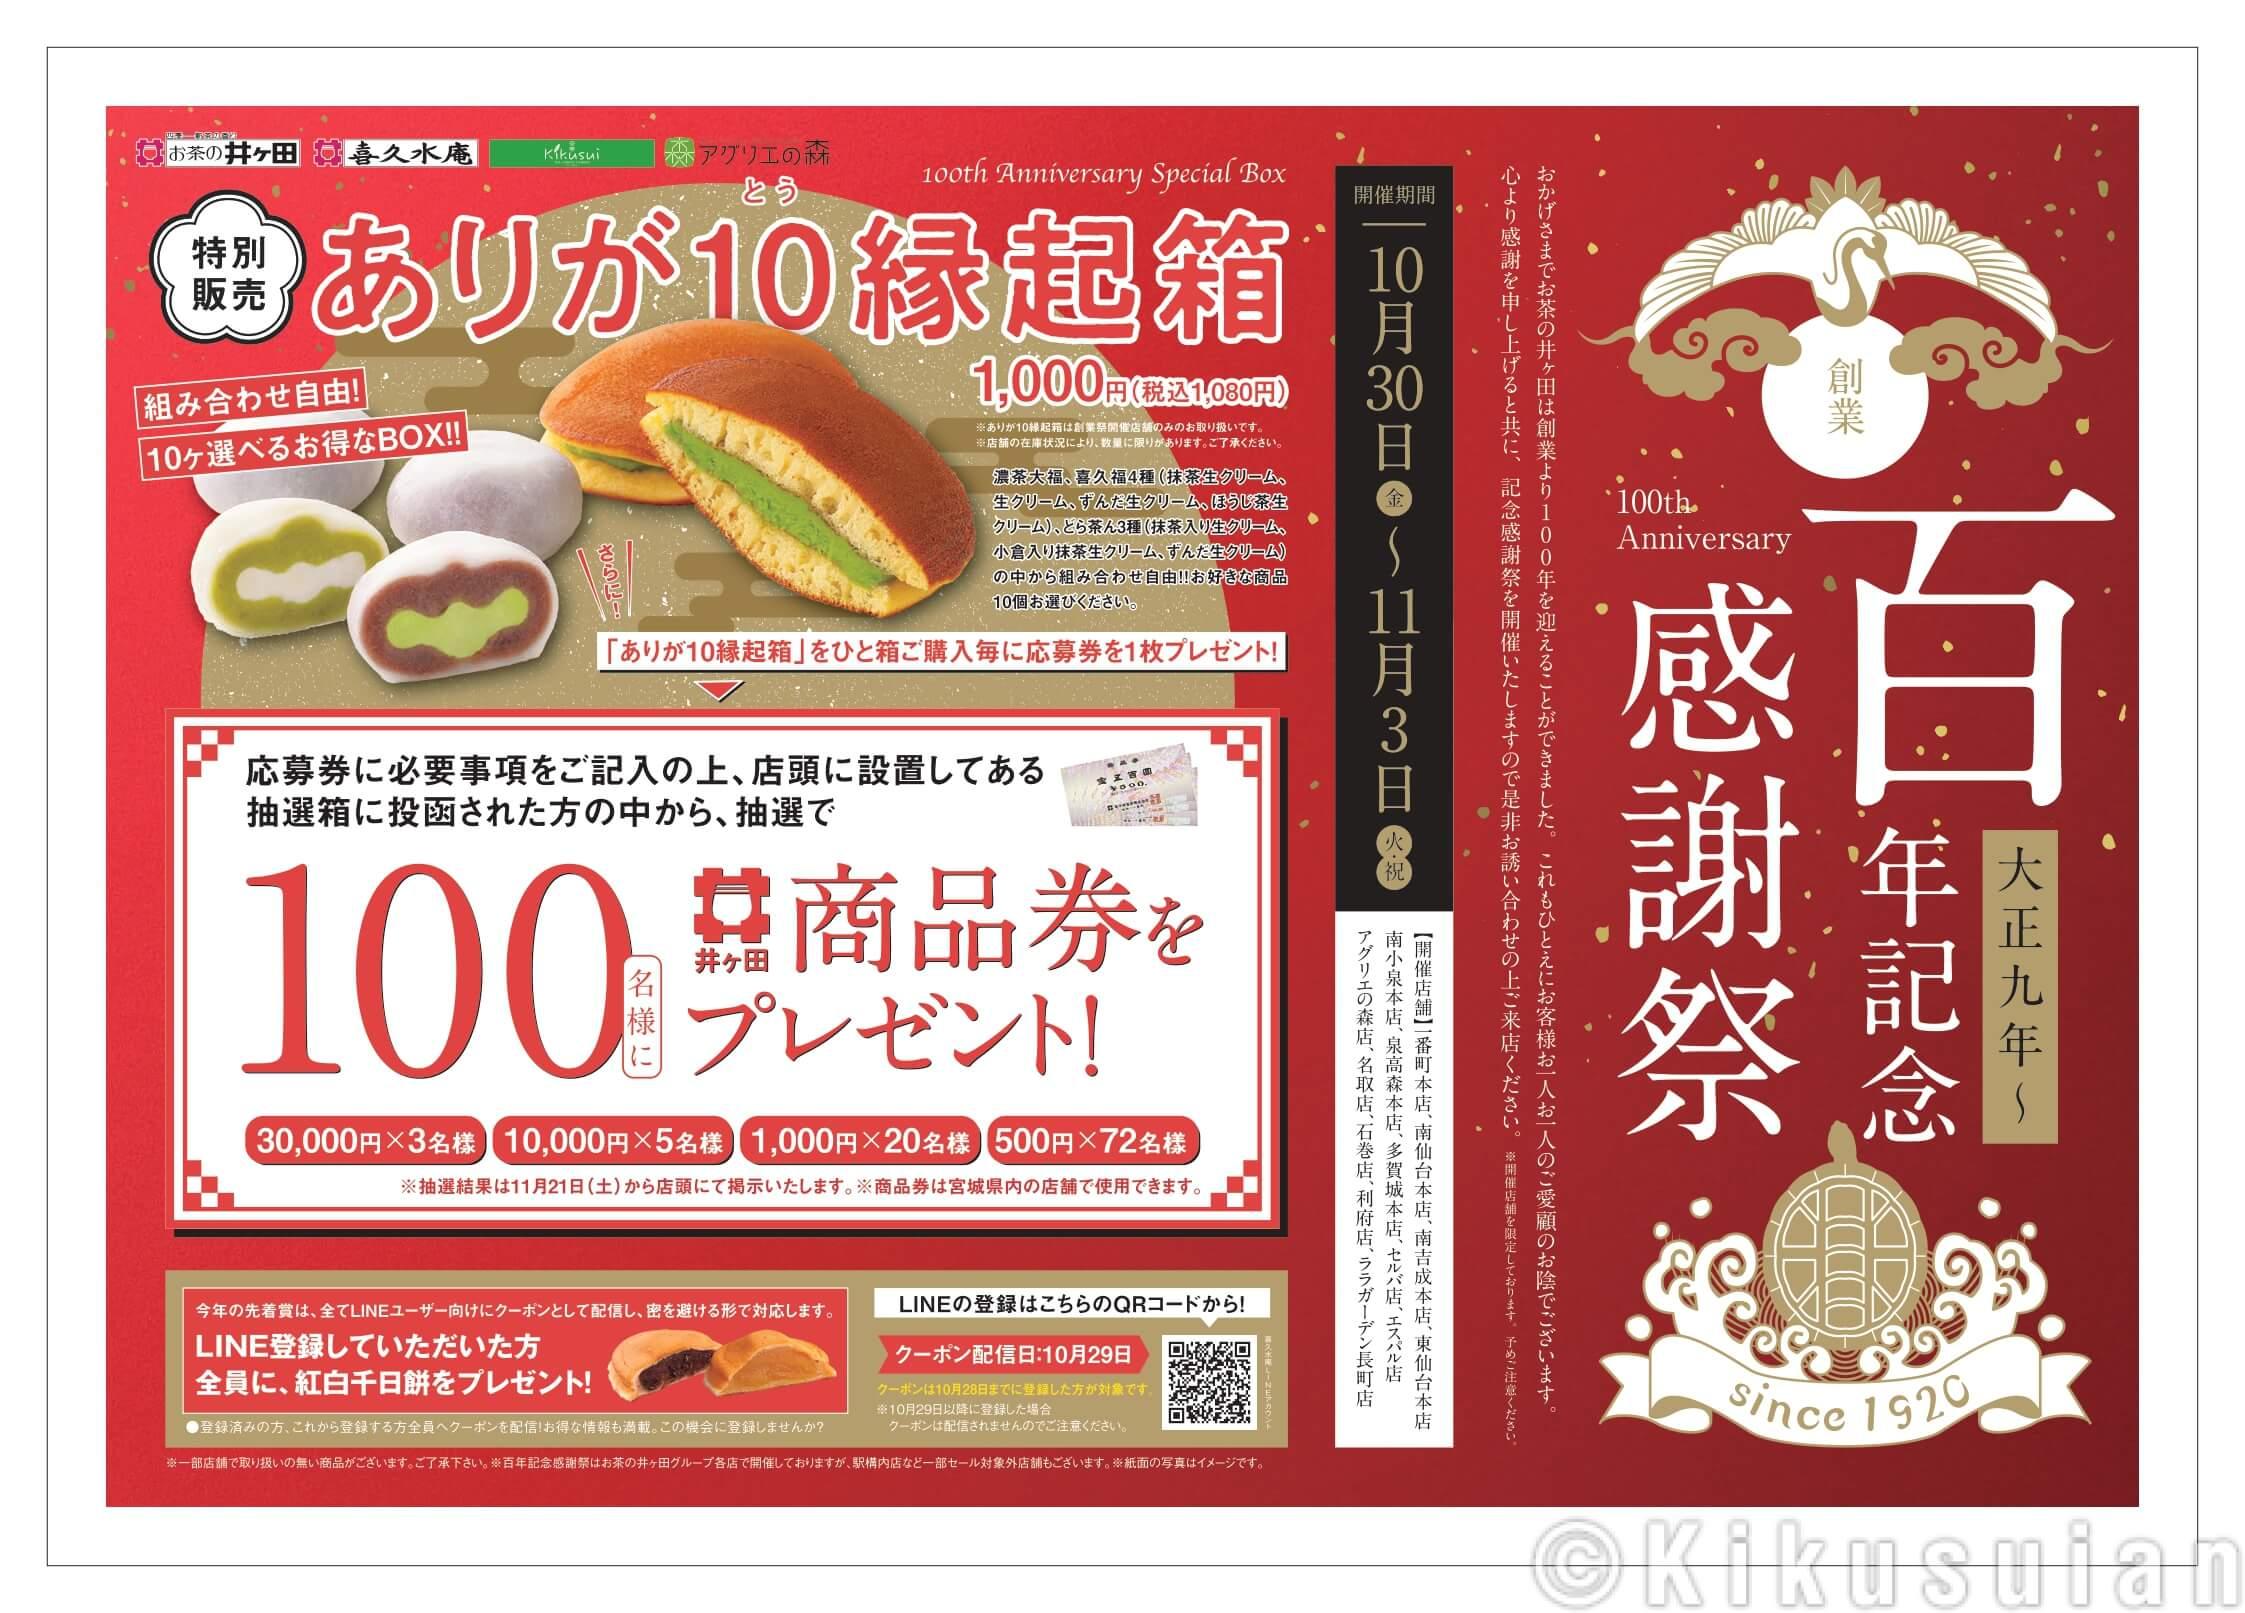 喜久水庵 創業百年記念感謝祭